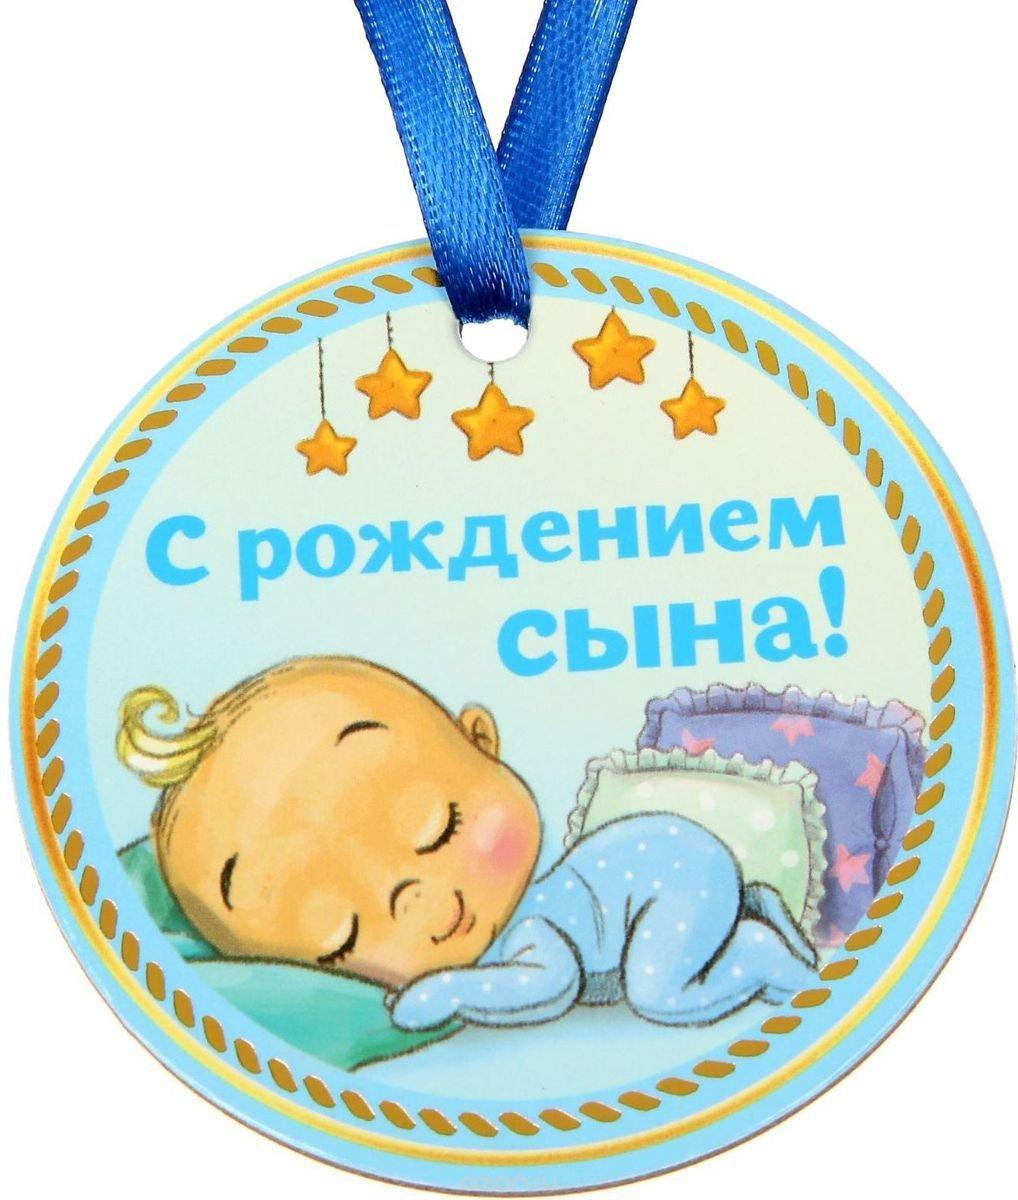 поздравления друга с рождением сына в картинках тебе